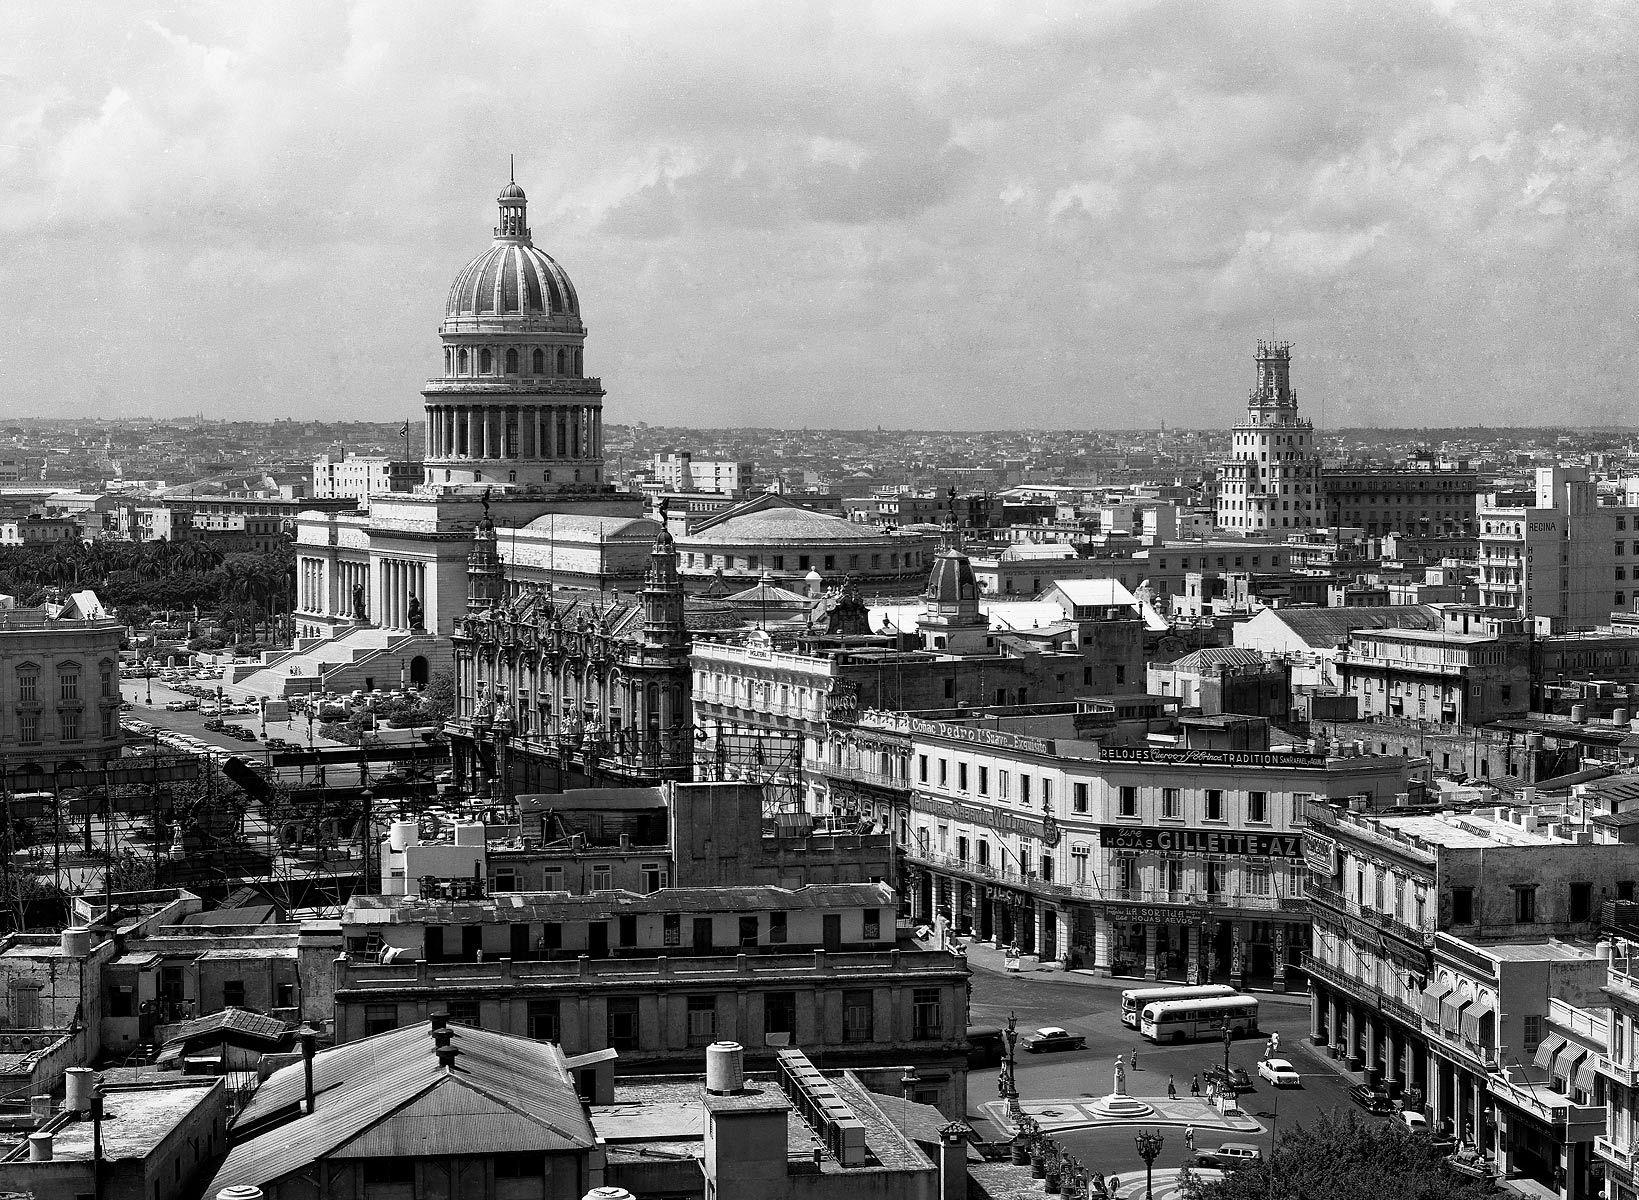 Downtown Havana 1955